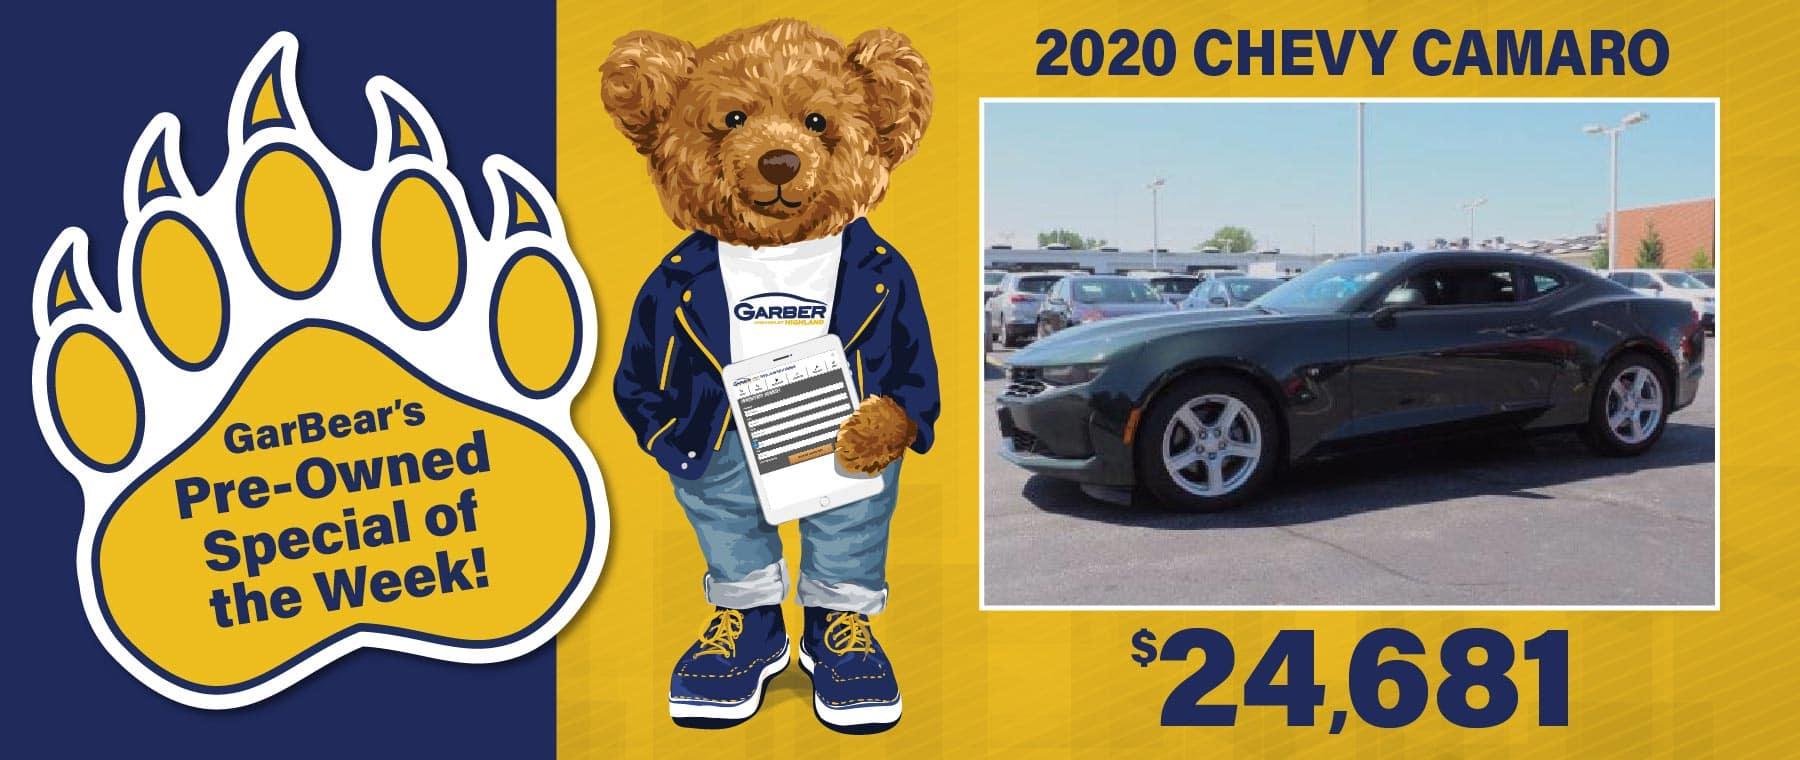 2020 Camaro - $24681